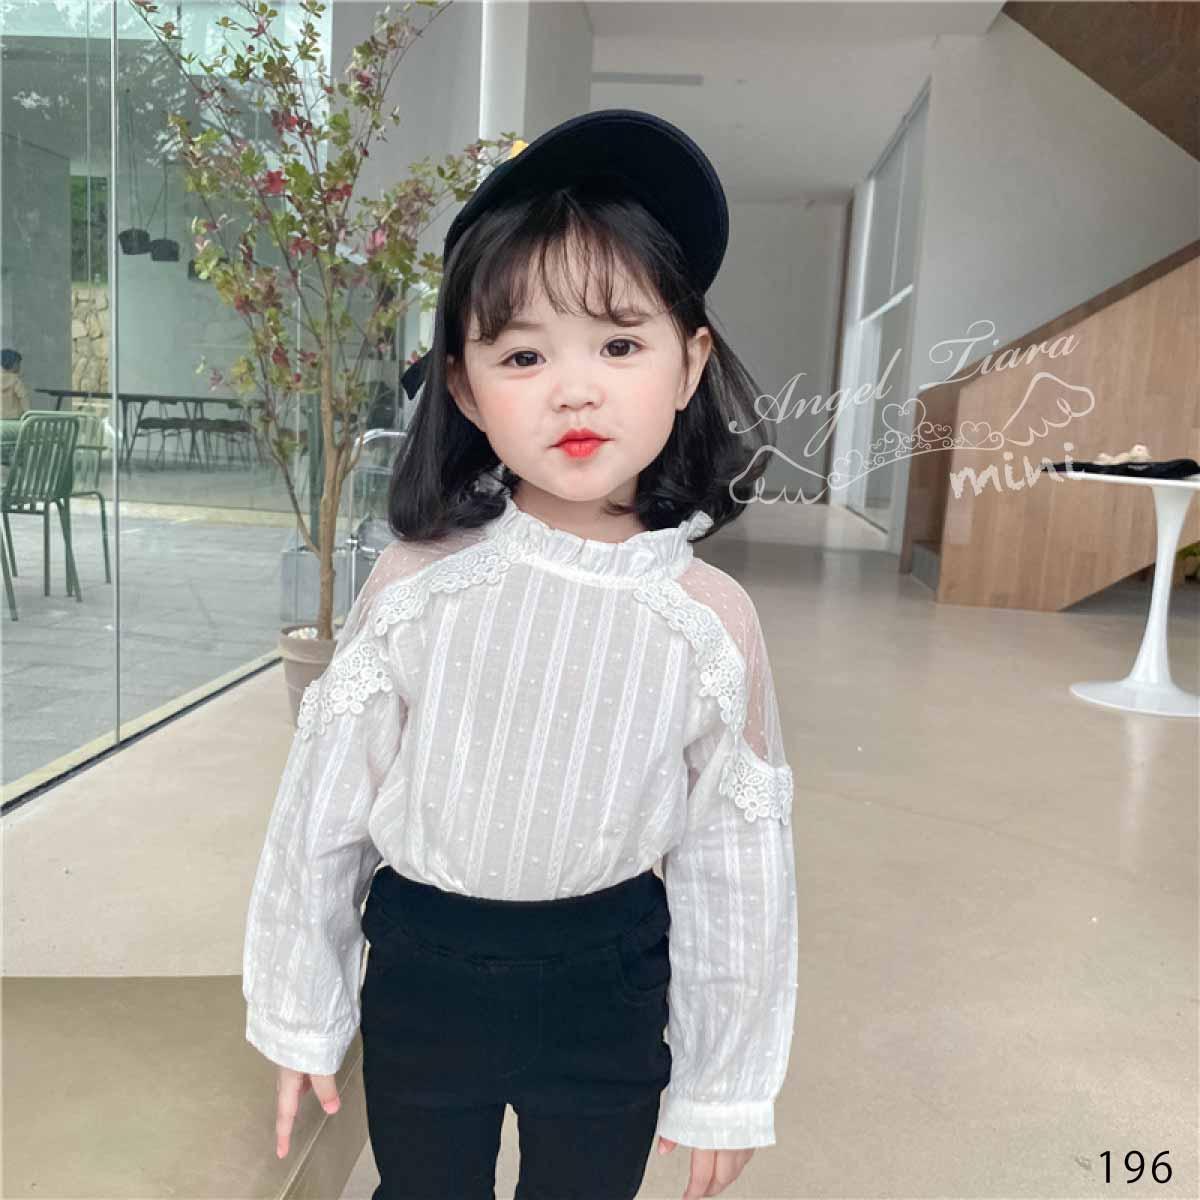 子供服 キッズ 女の子 トップス 肩だし レース ホワイト 長袖  フォーマル 韓国服 春 秋 KG196